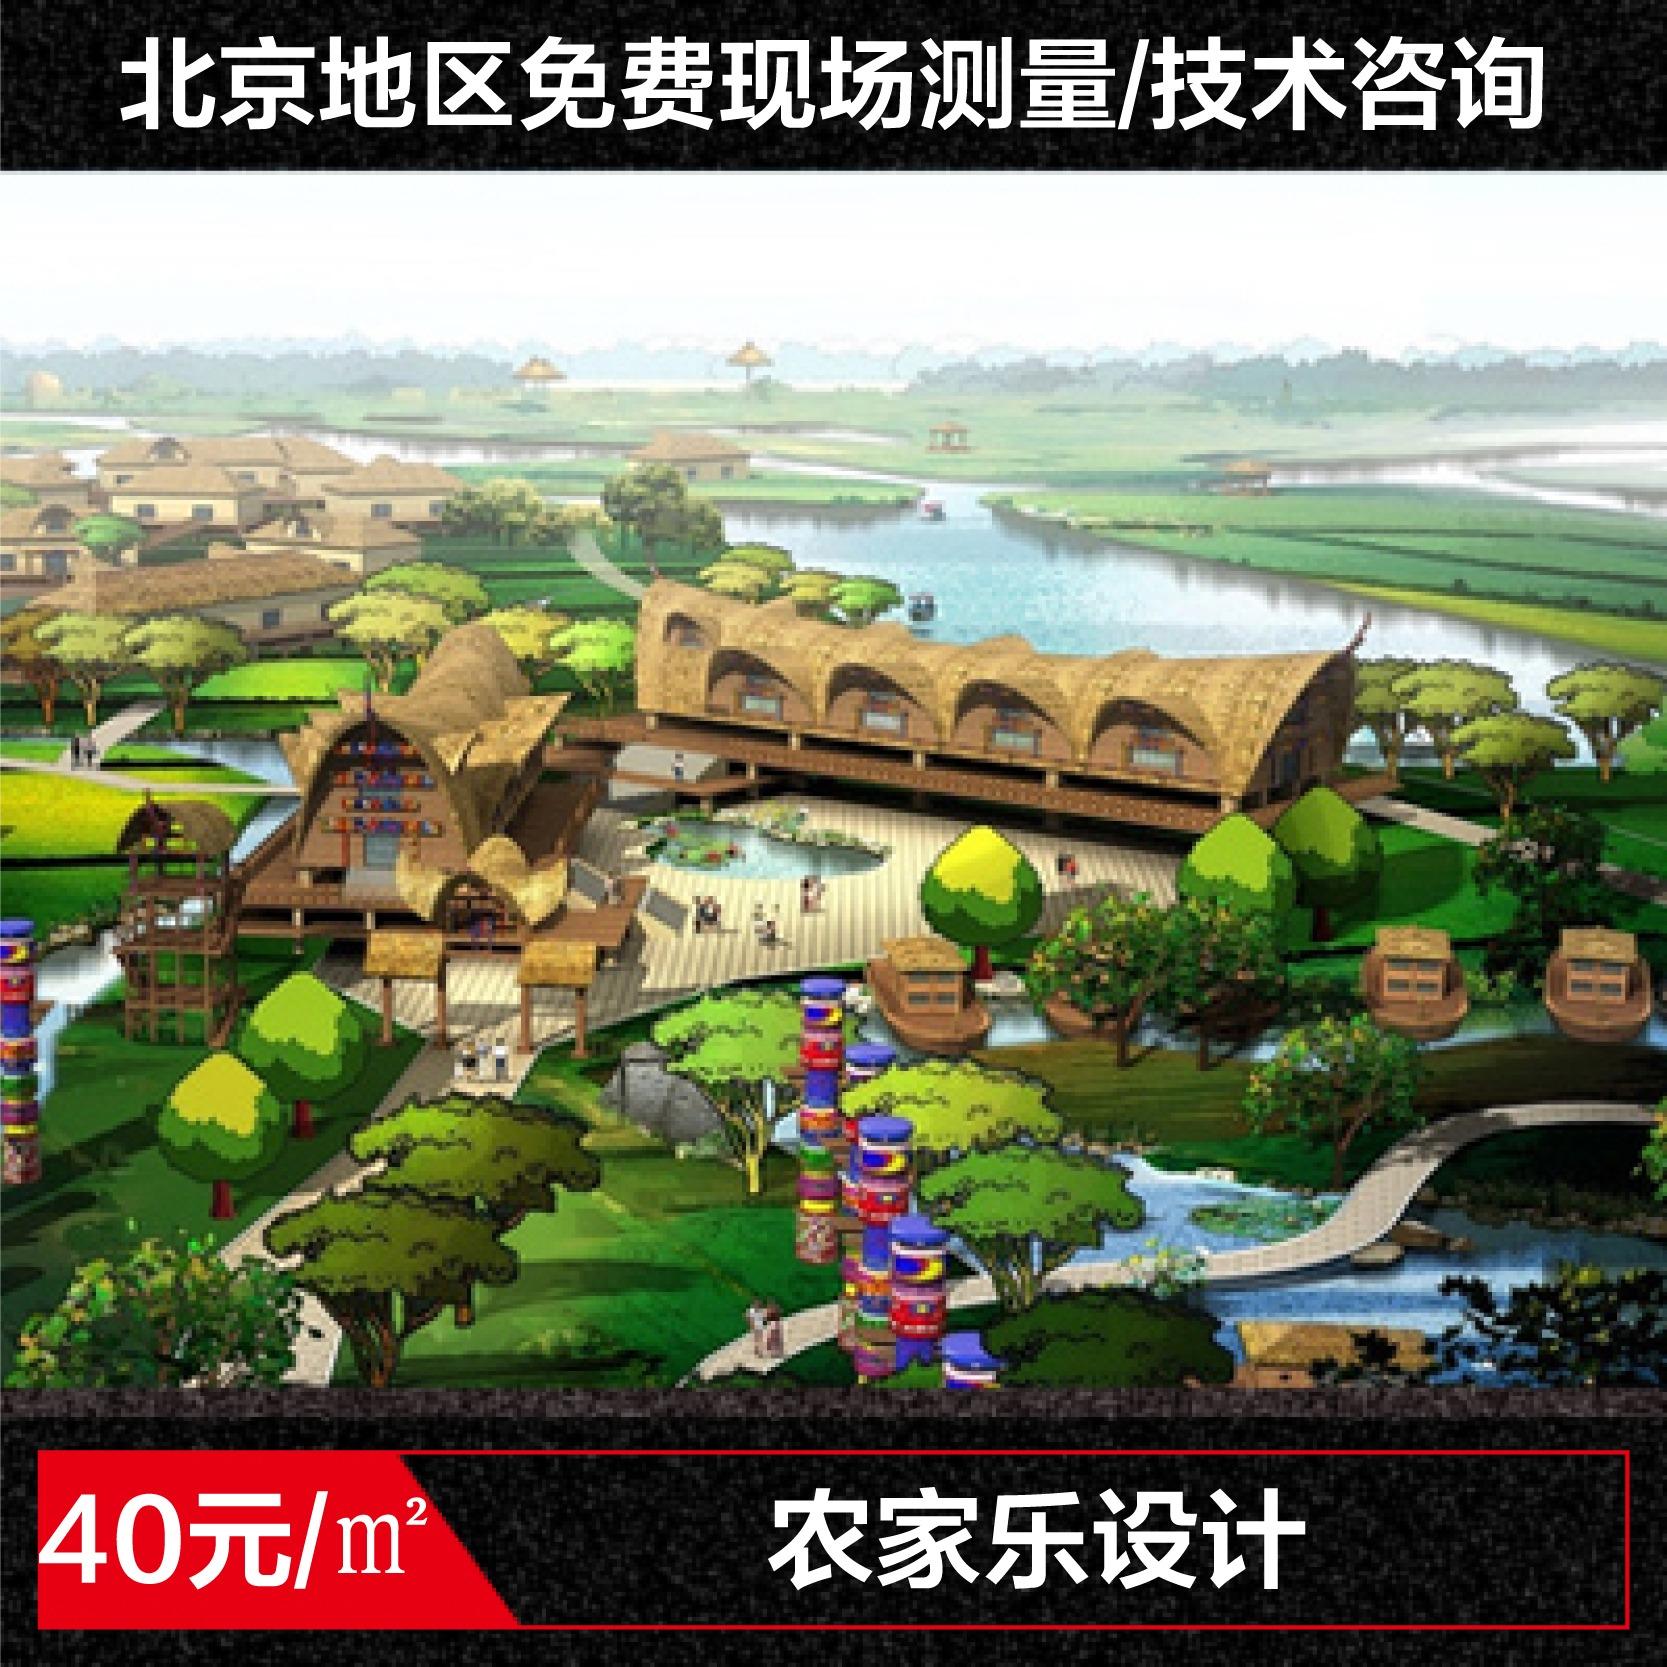 农家乐设计 生态农庄 家庭农庄 农家园林 北京地区提供现场